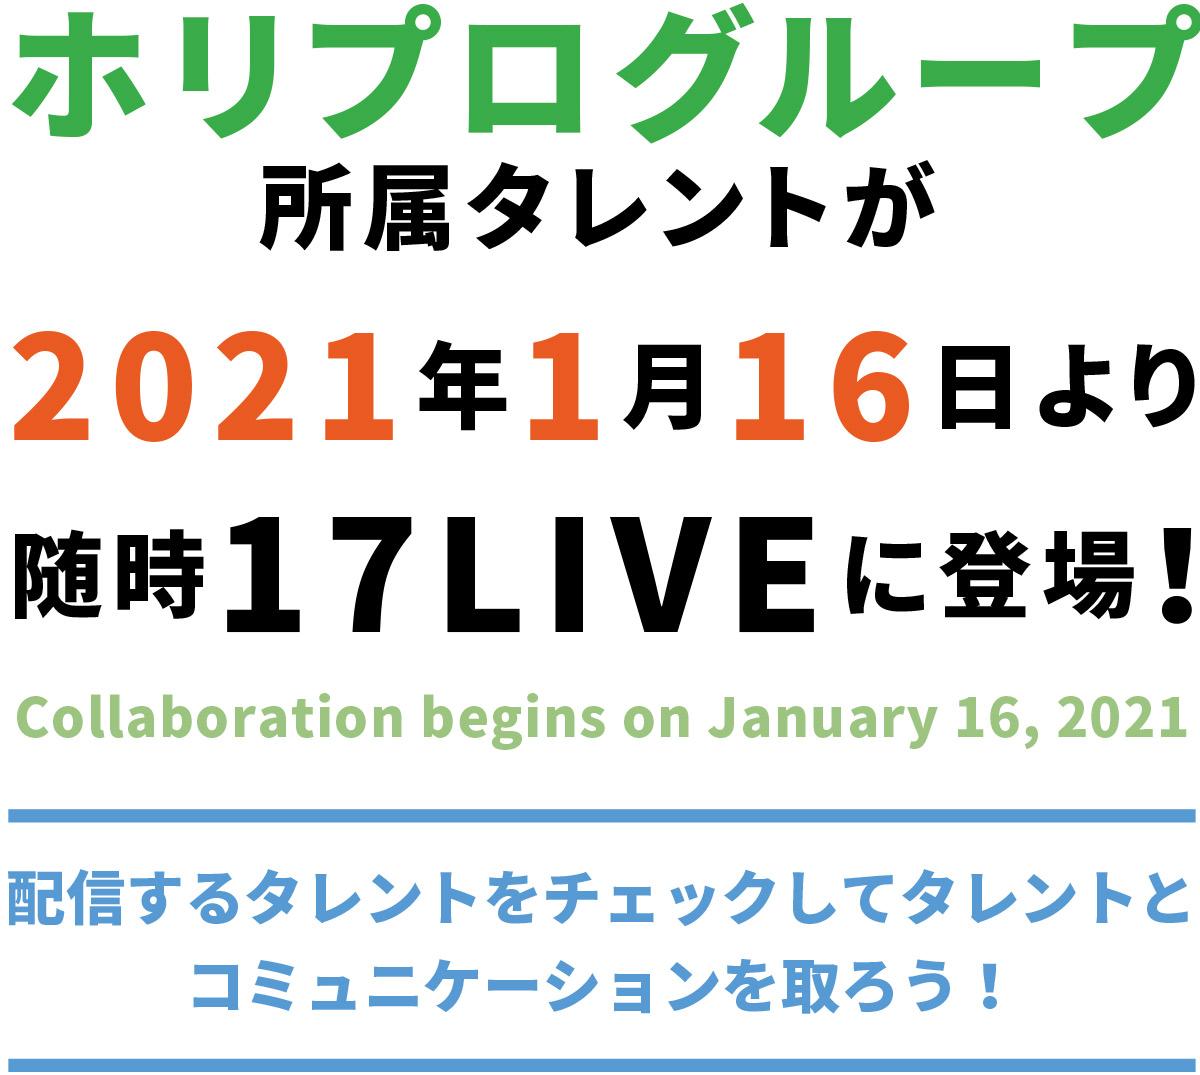 ホリプロの所属タレントが2021年1月16日より随時17LIVEに登場!配信するタレントをチェックしてタレントとコミュニケーションを取ろう!